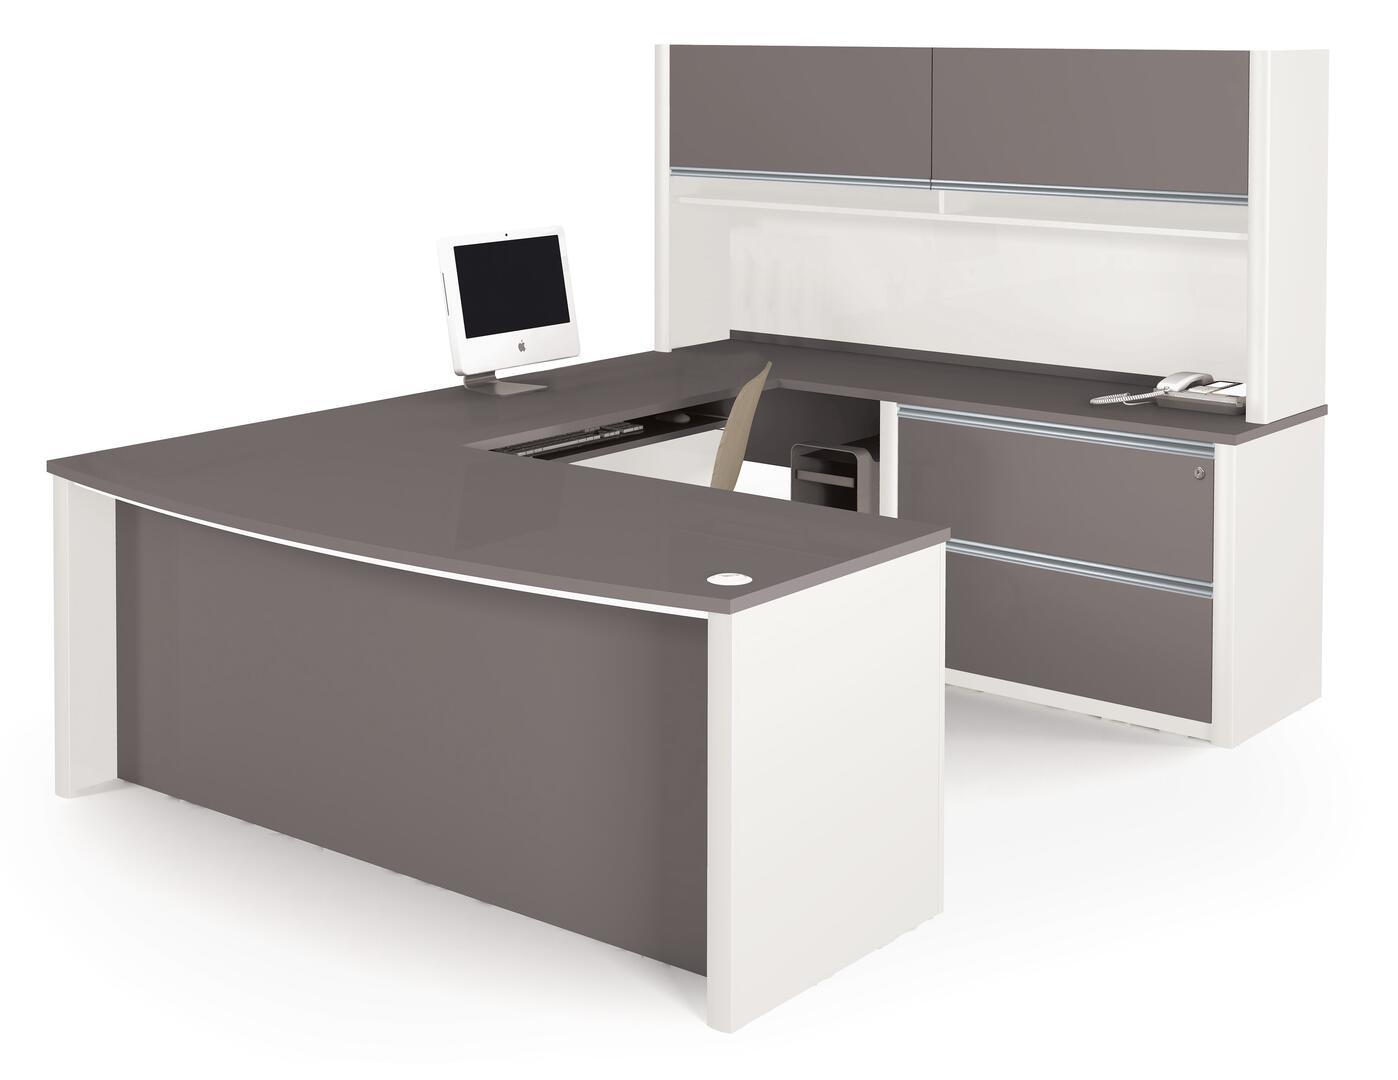 Bestar furniture 9387859 modern u shape office desk for Furniture connection